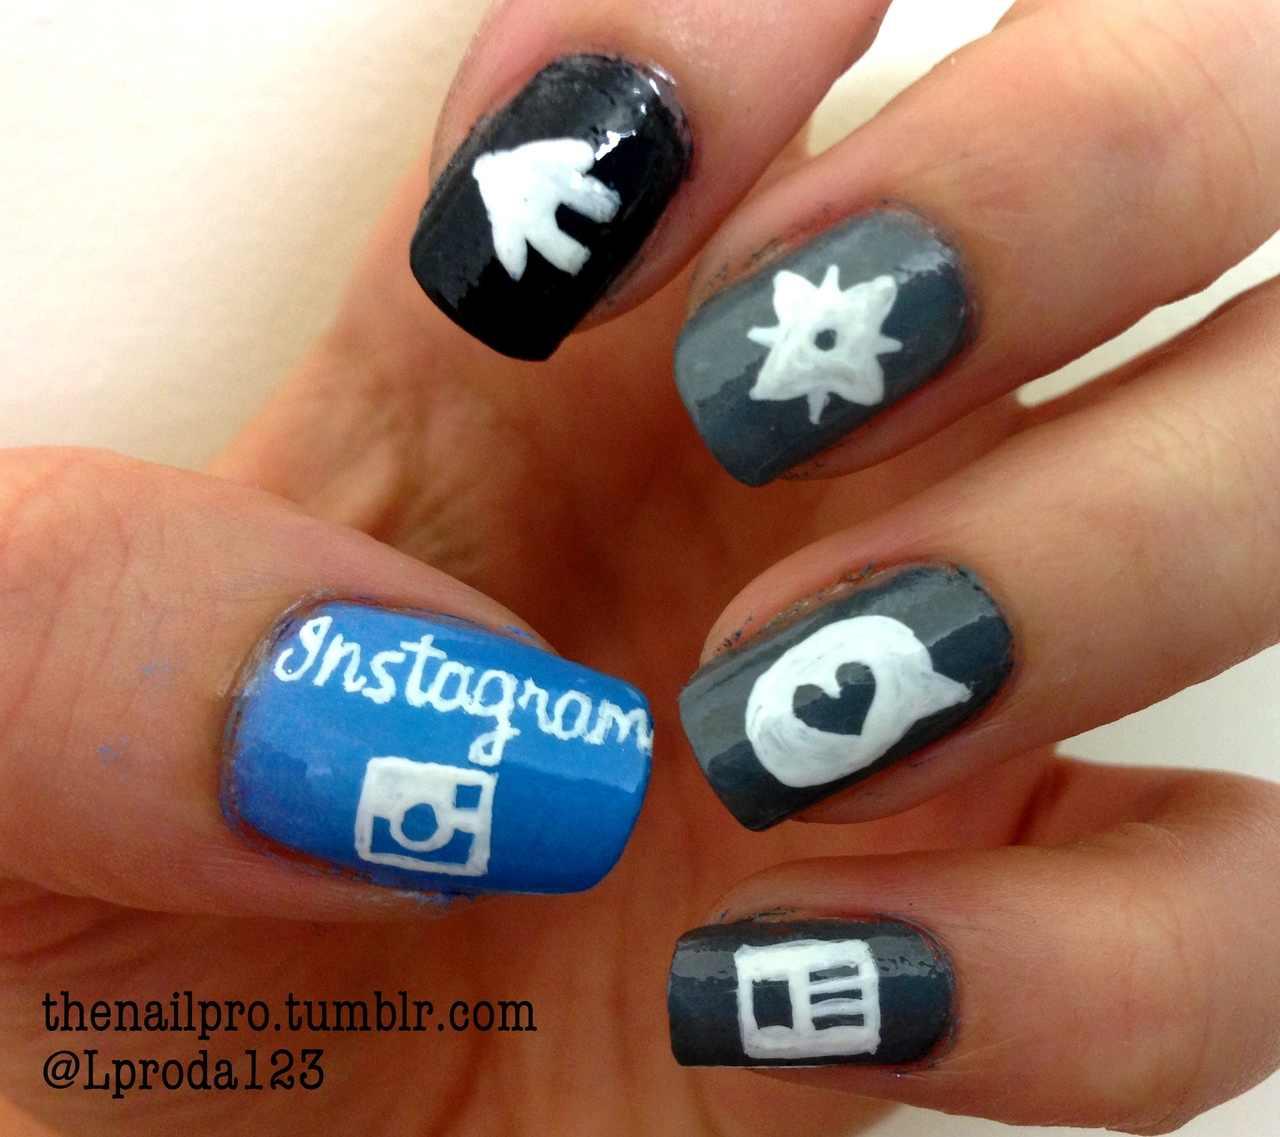 upload image nails nail art